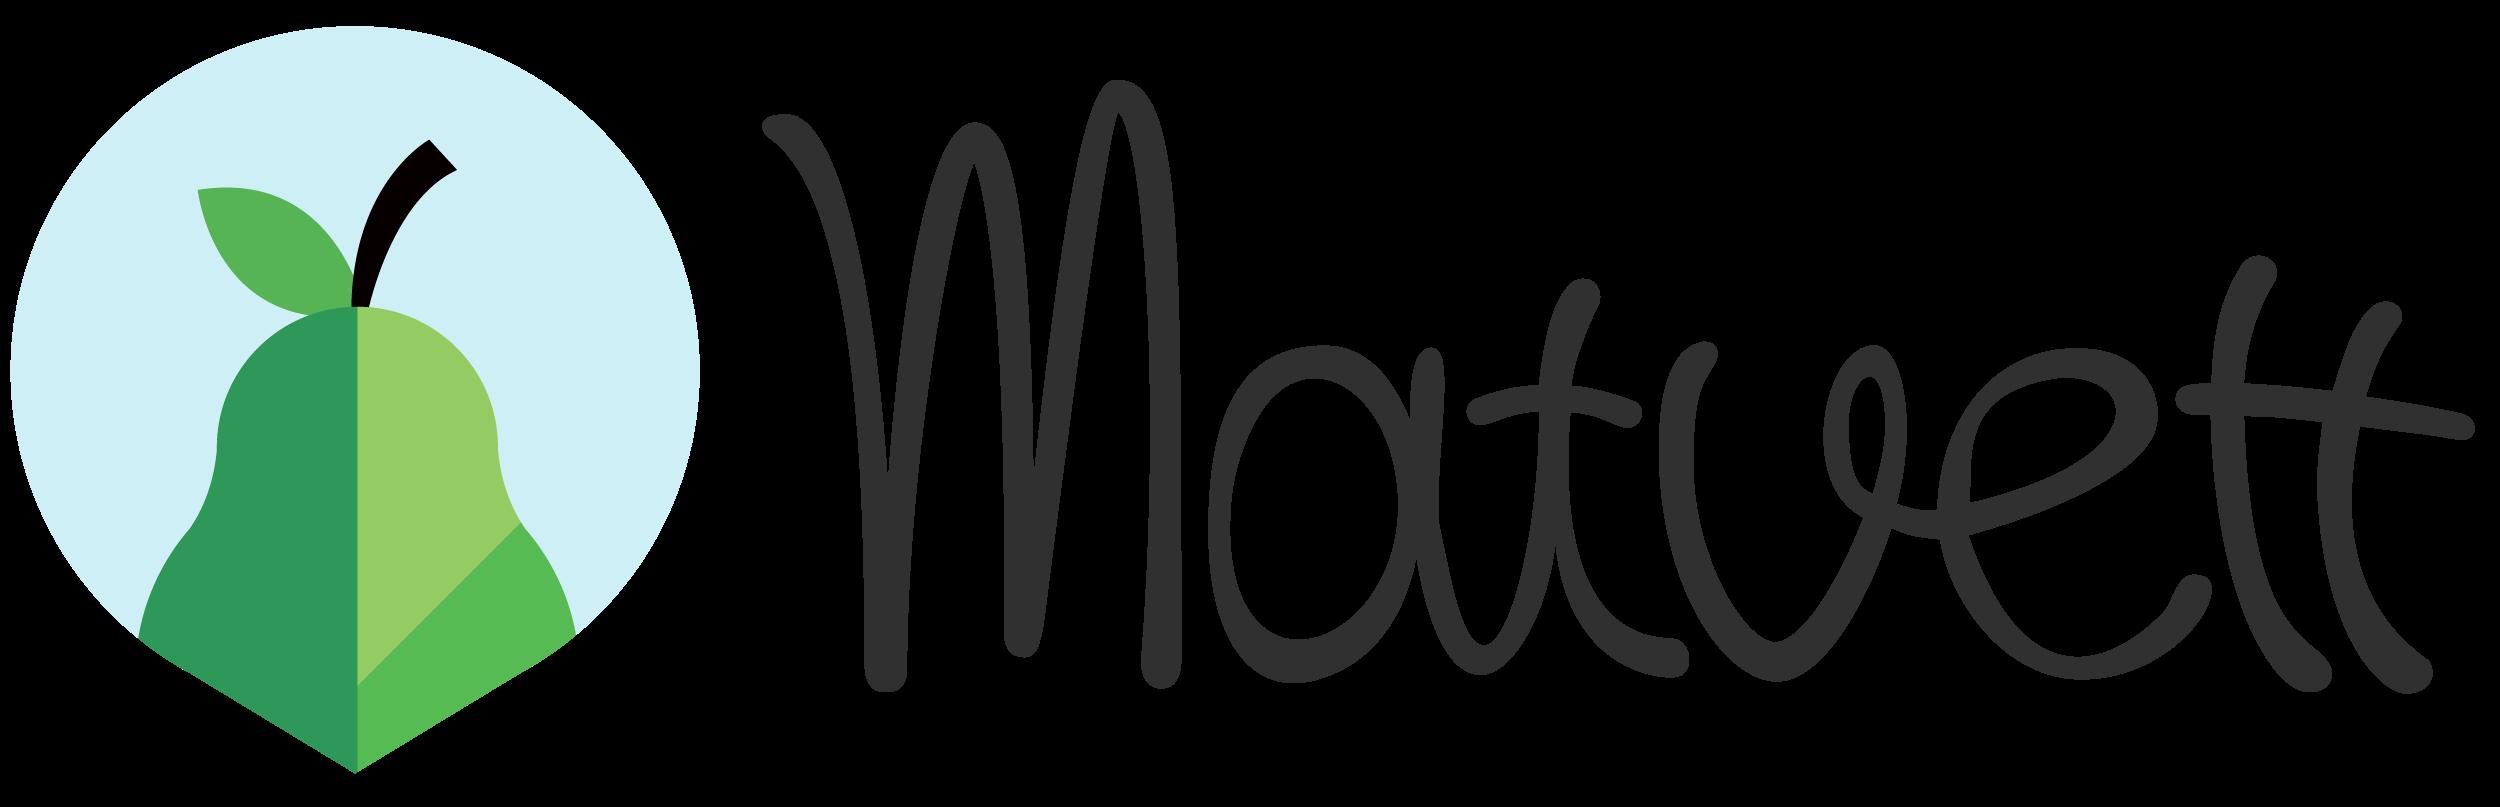 Matvett's logo.